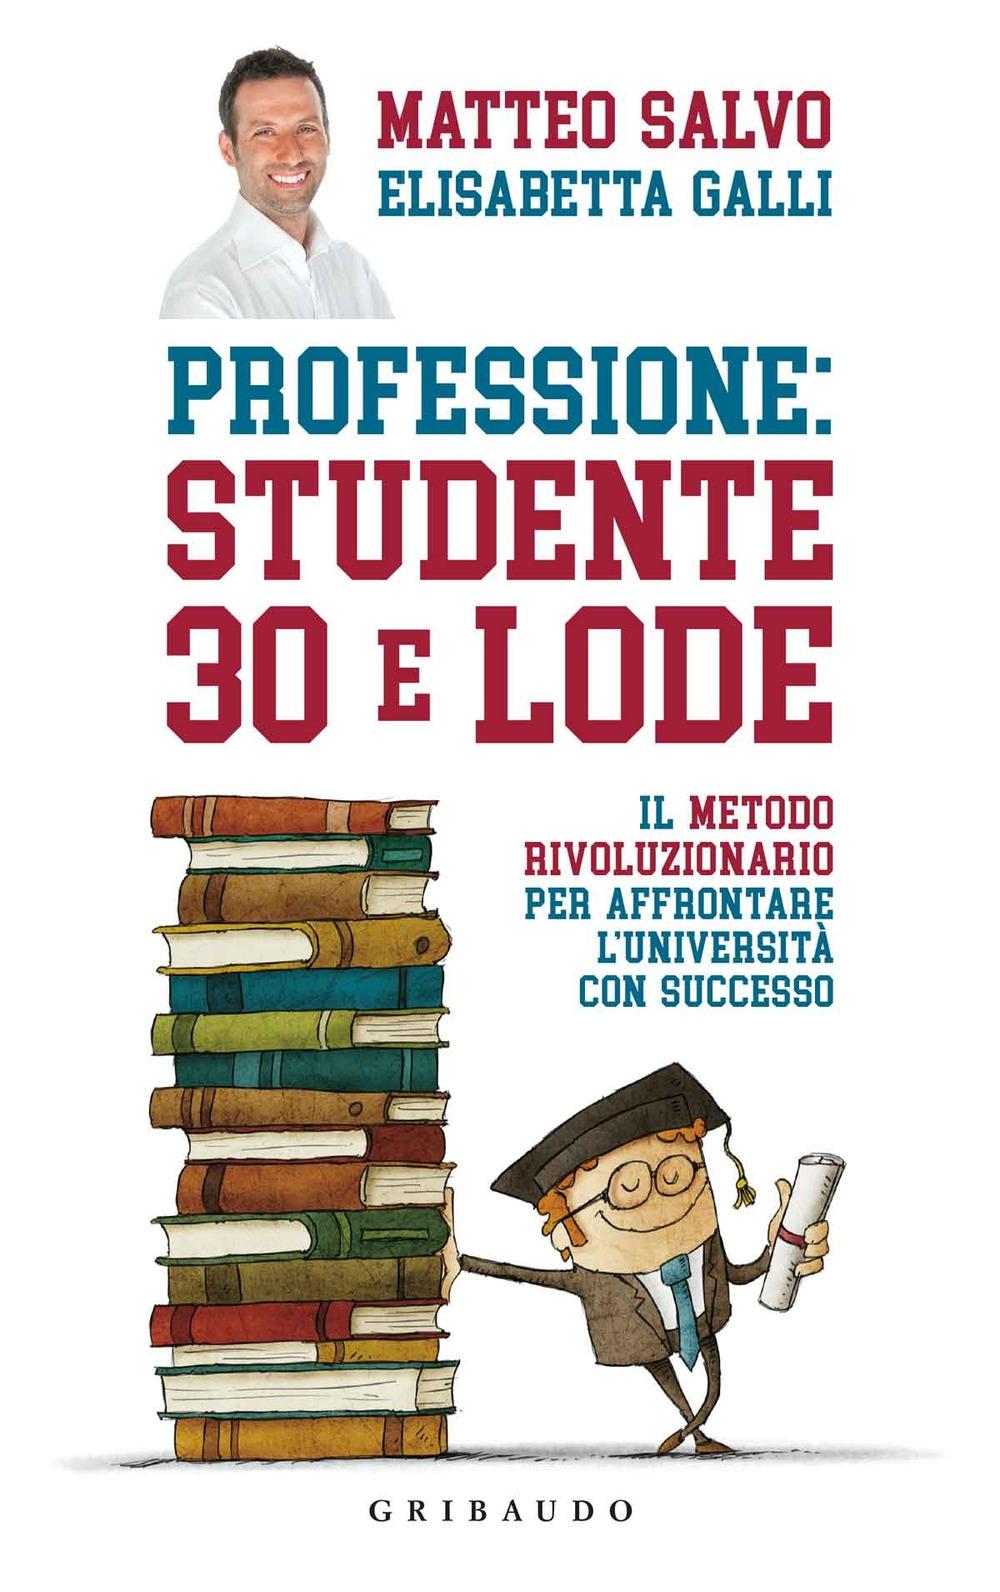 Professione: studente 30 e lode. Il metodo rivoluzionario per affrontare l'università con successo